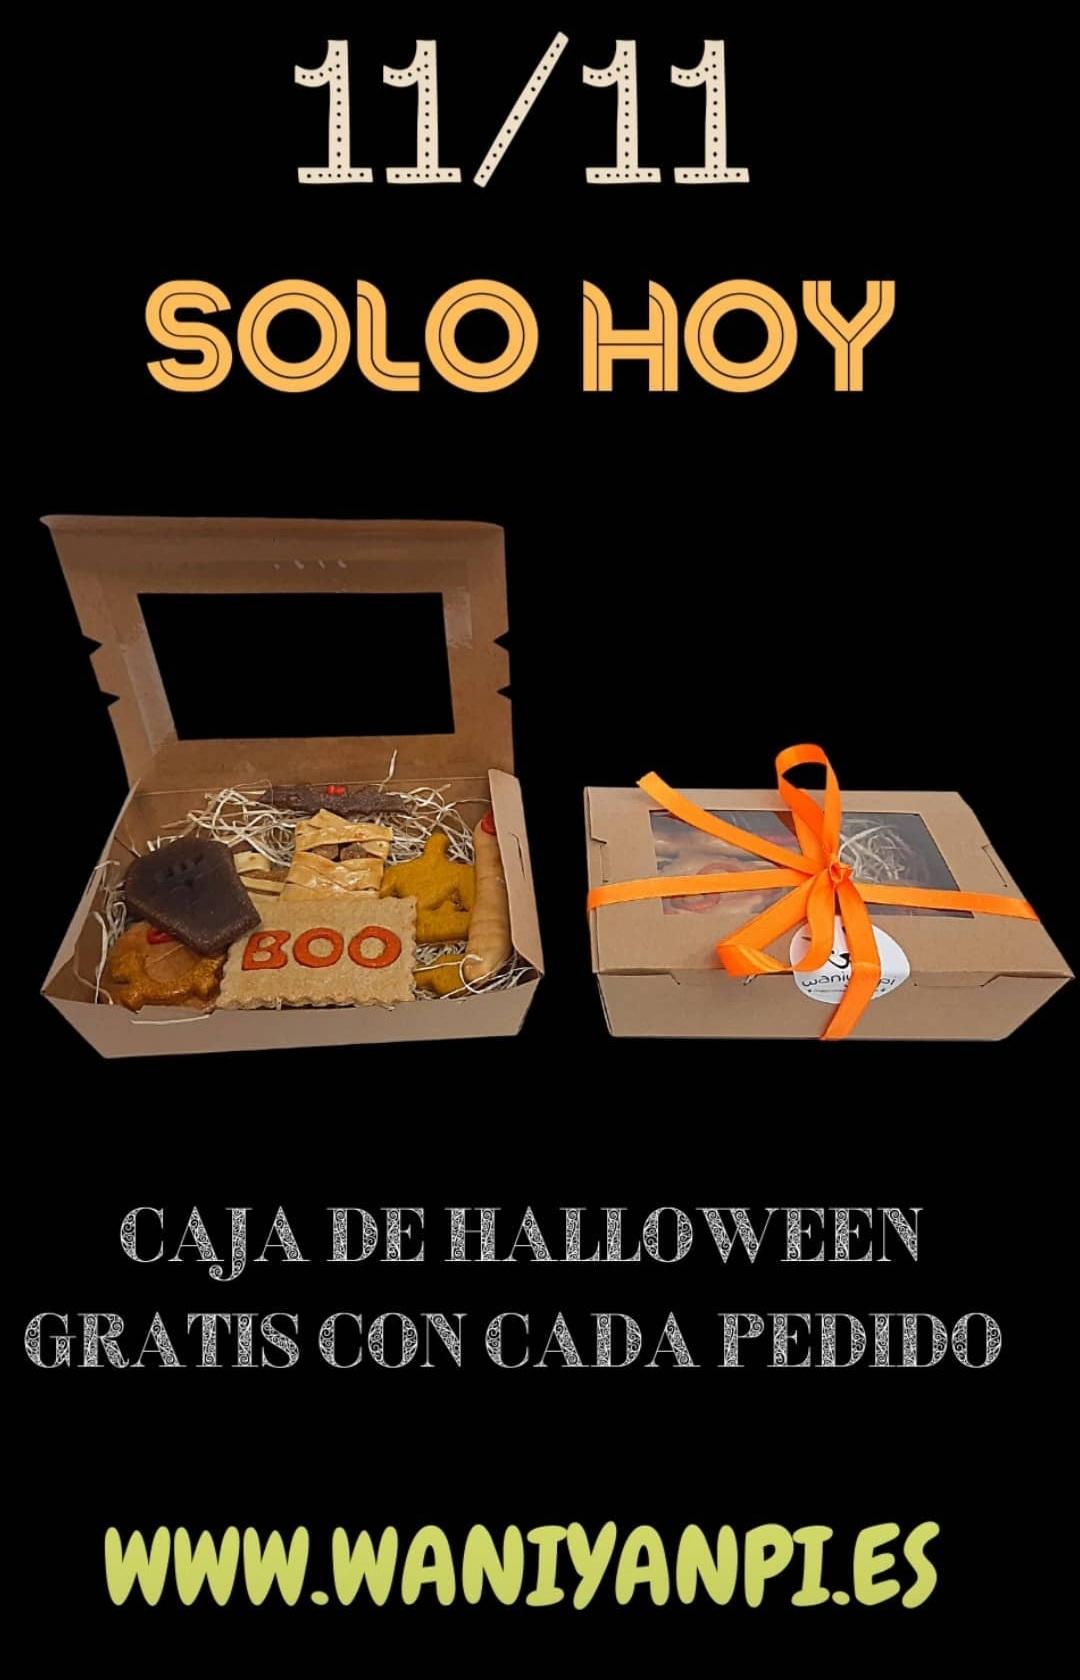 Solo hoy te regalaran con tu pedido una caja de galletas de Halloween para tu mascota